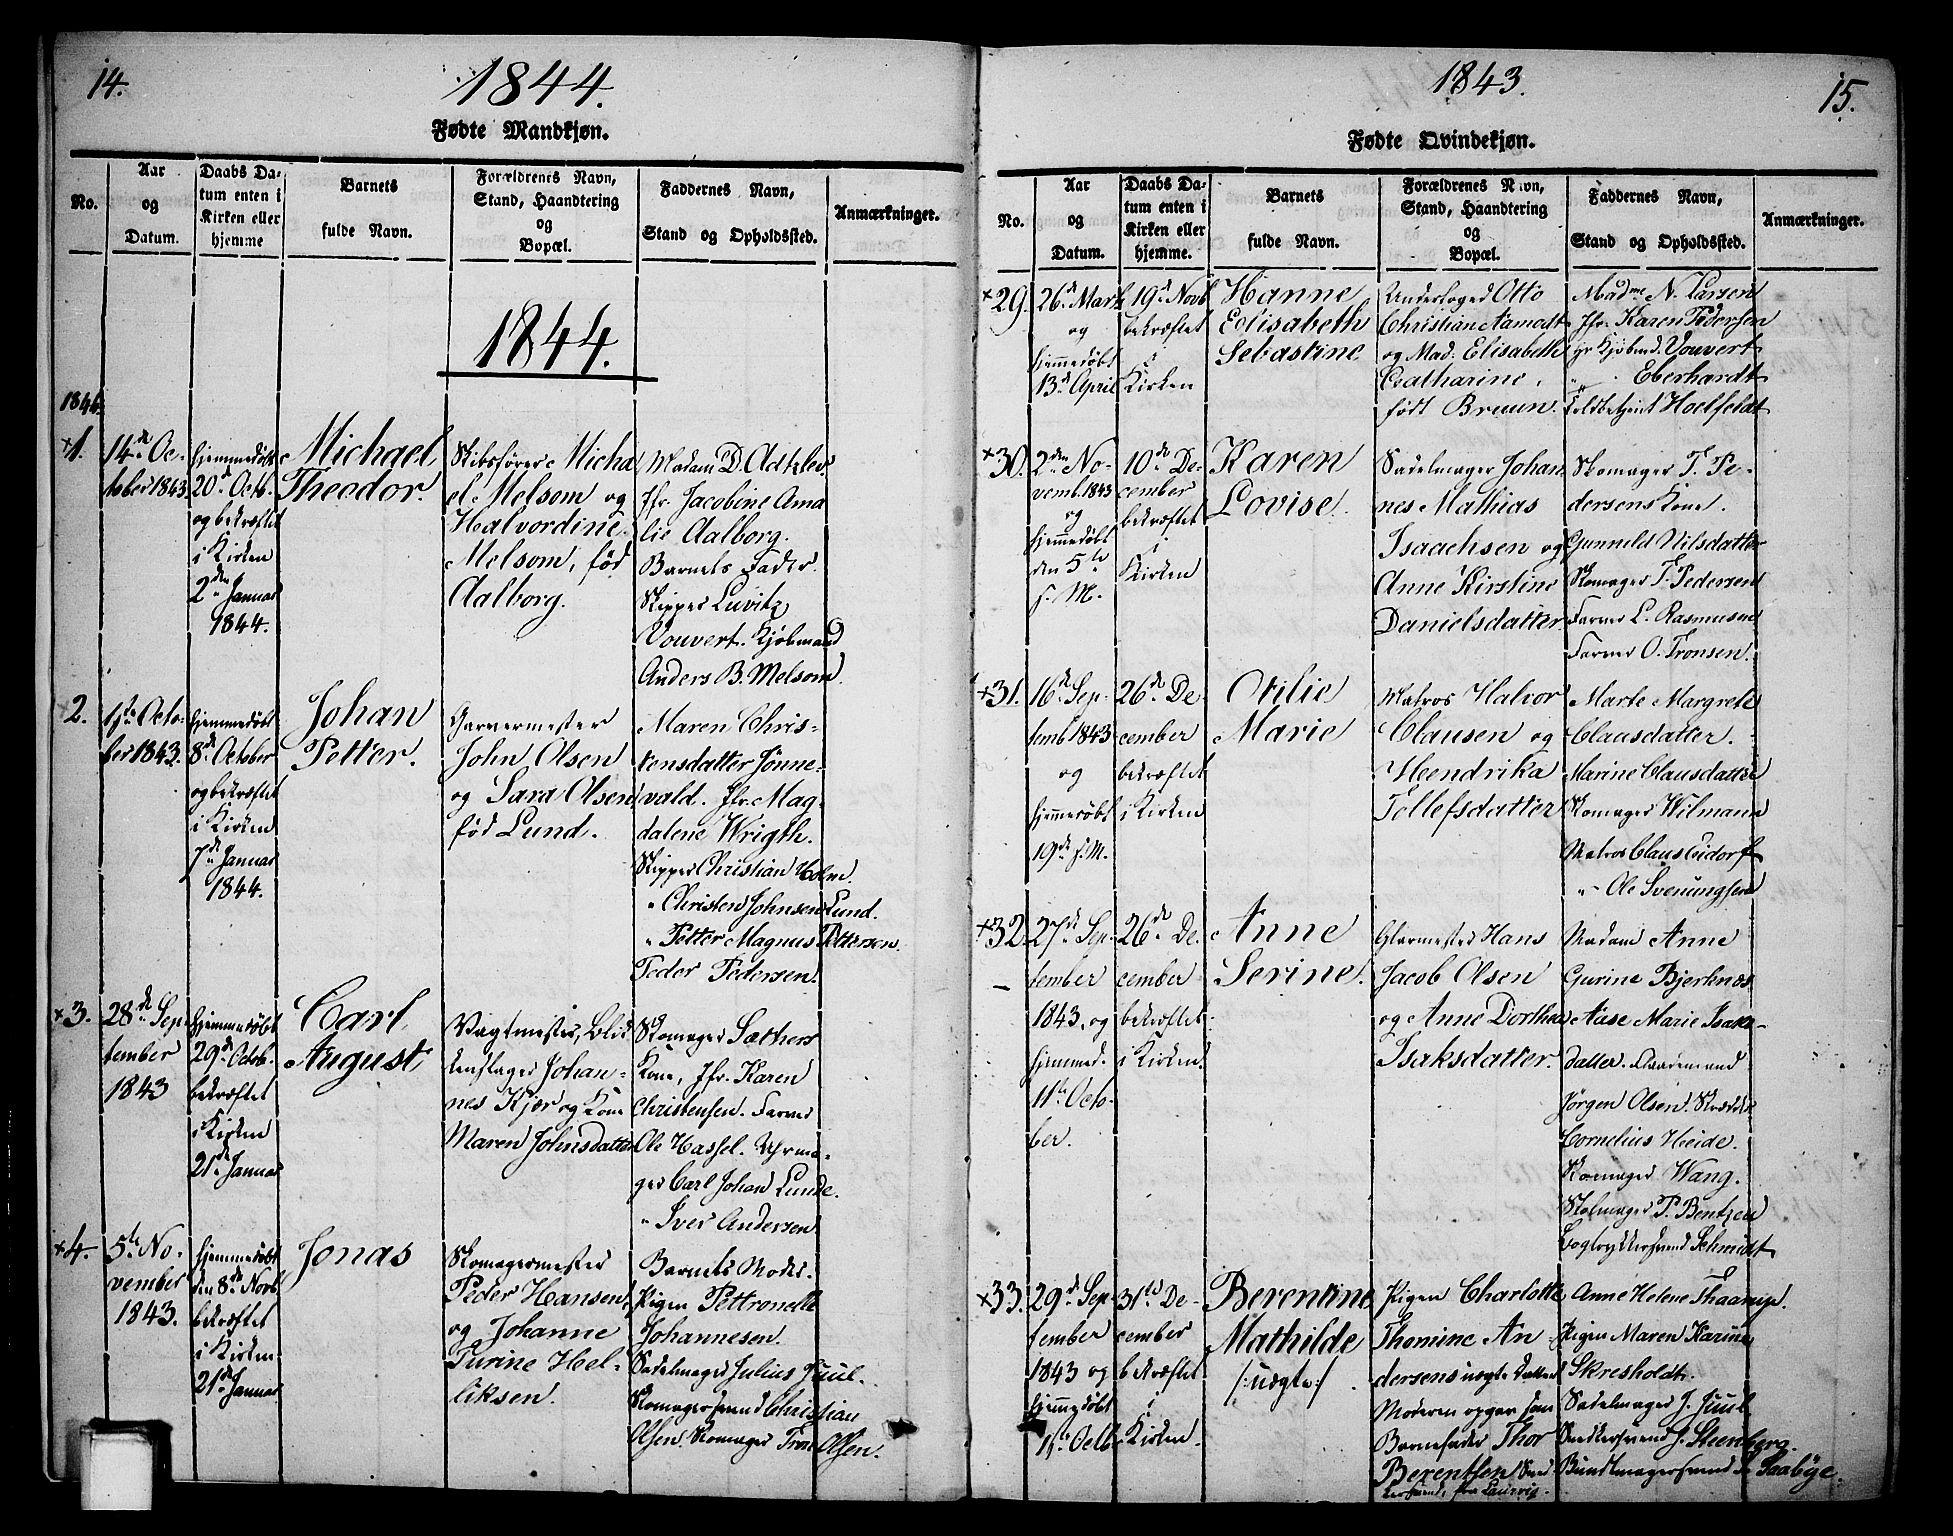 SAKO, Skien kirkebøker, G/Ga/L0003: Klokkerbok nr. 3, 1843-1847, s. 14-15